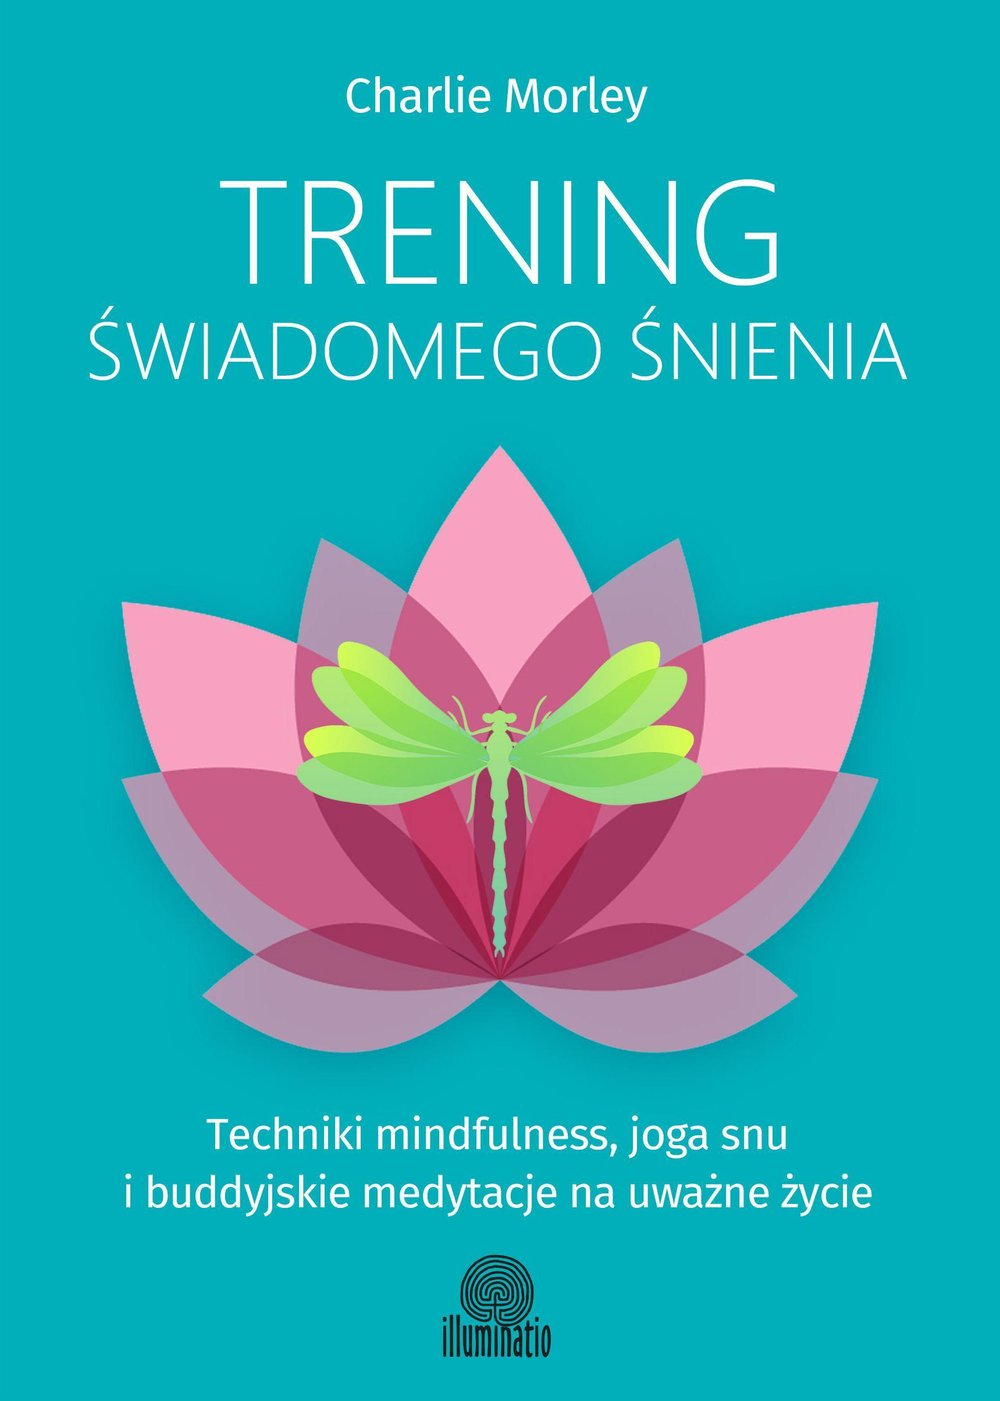 Trening świadomego śnienia. Techniki mindfulness, joga snu ibuddyjskie medytacje na uważne życie - Ebook (Książka EPUB) do pobrania w formacie EPUB